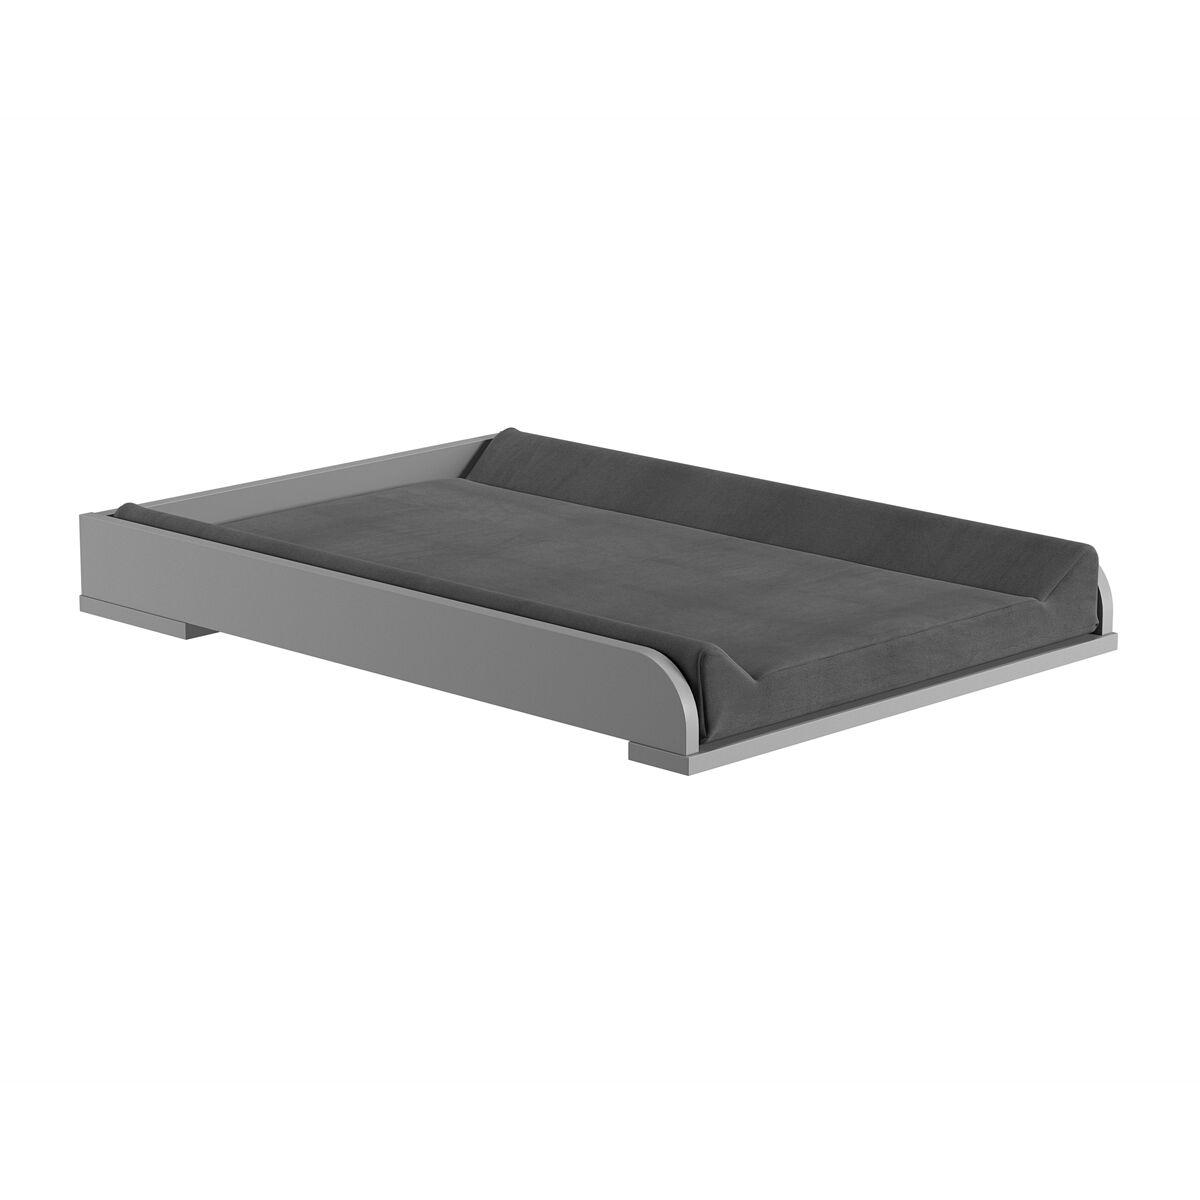 Vox Plan pour commode gris